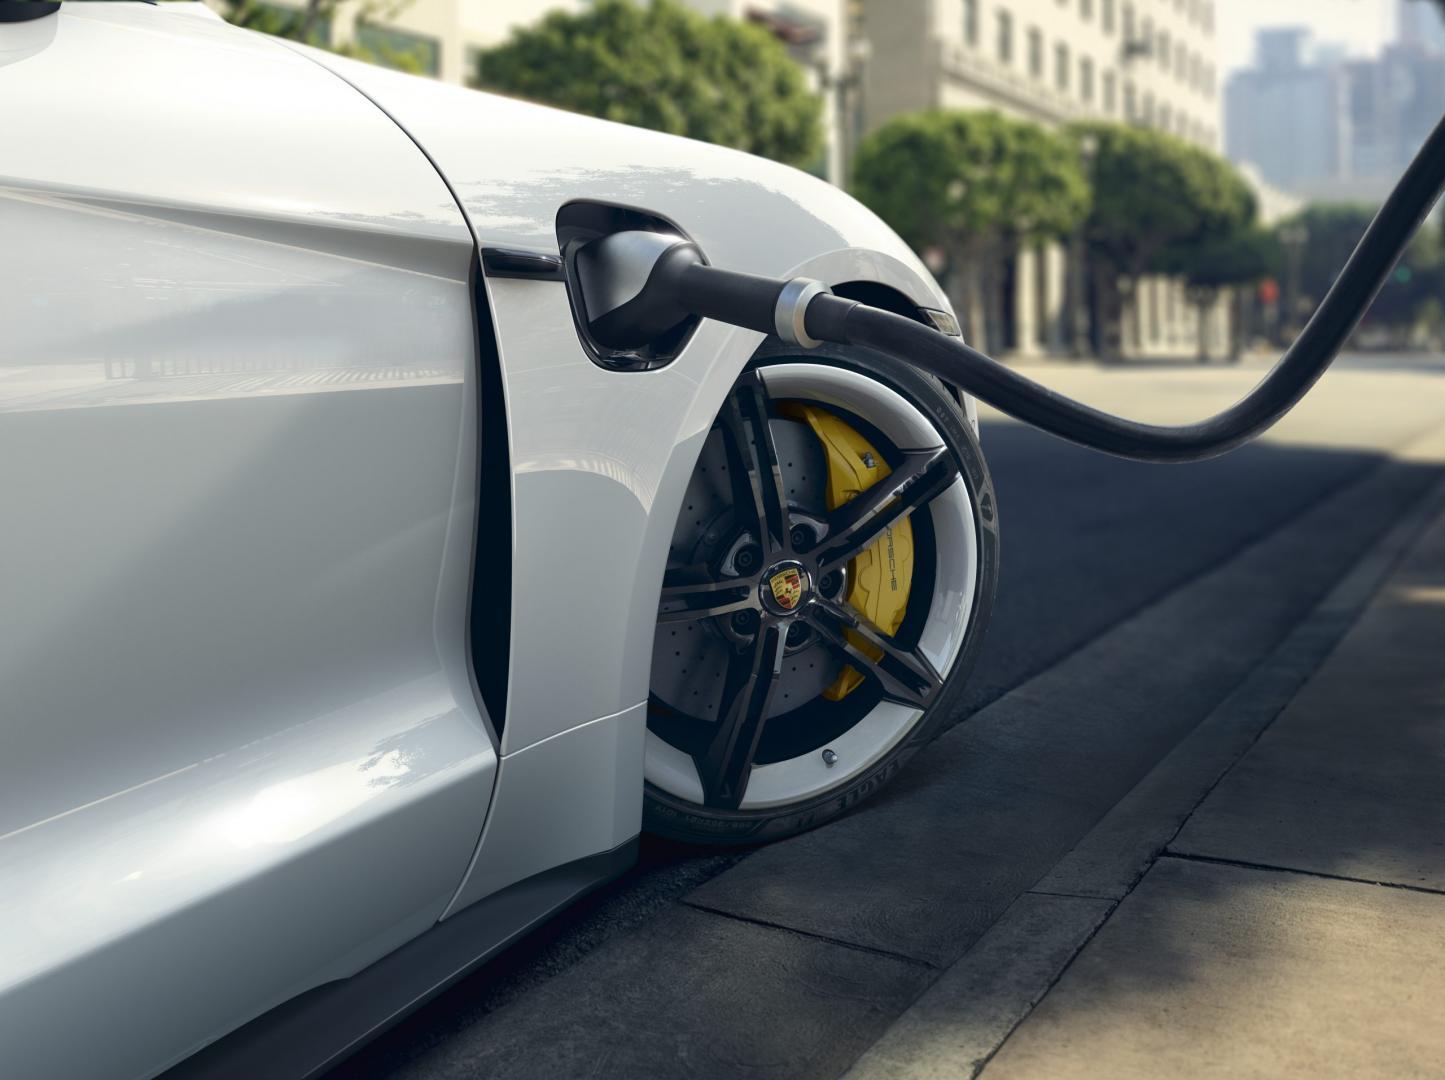 Porsche Taycan Turbo S 2019 stekker laden